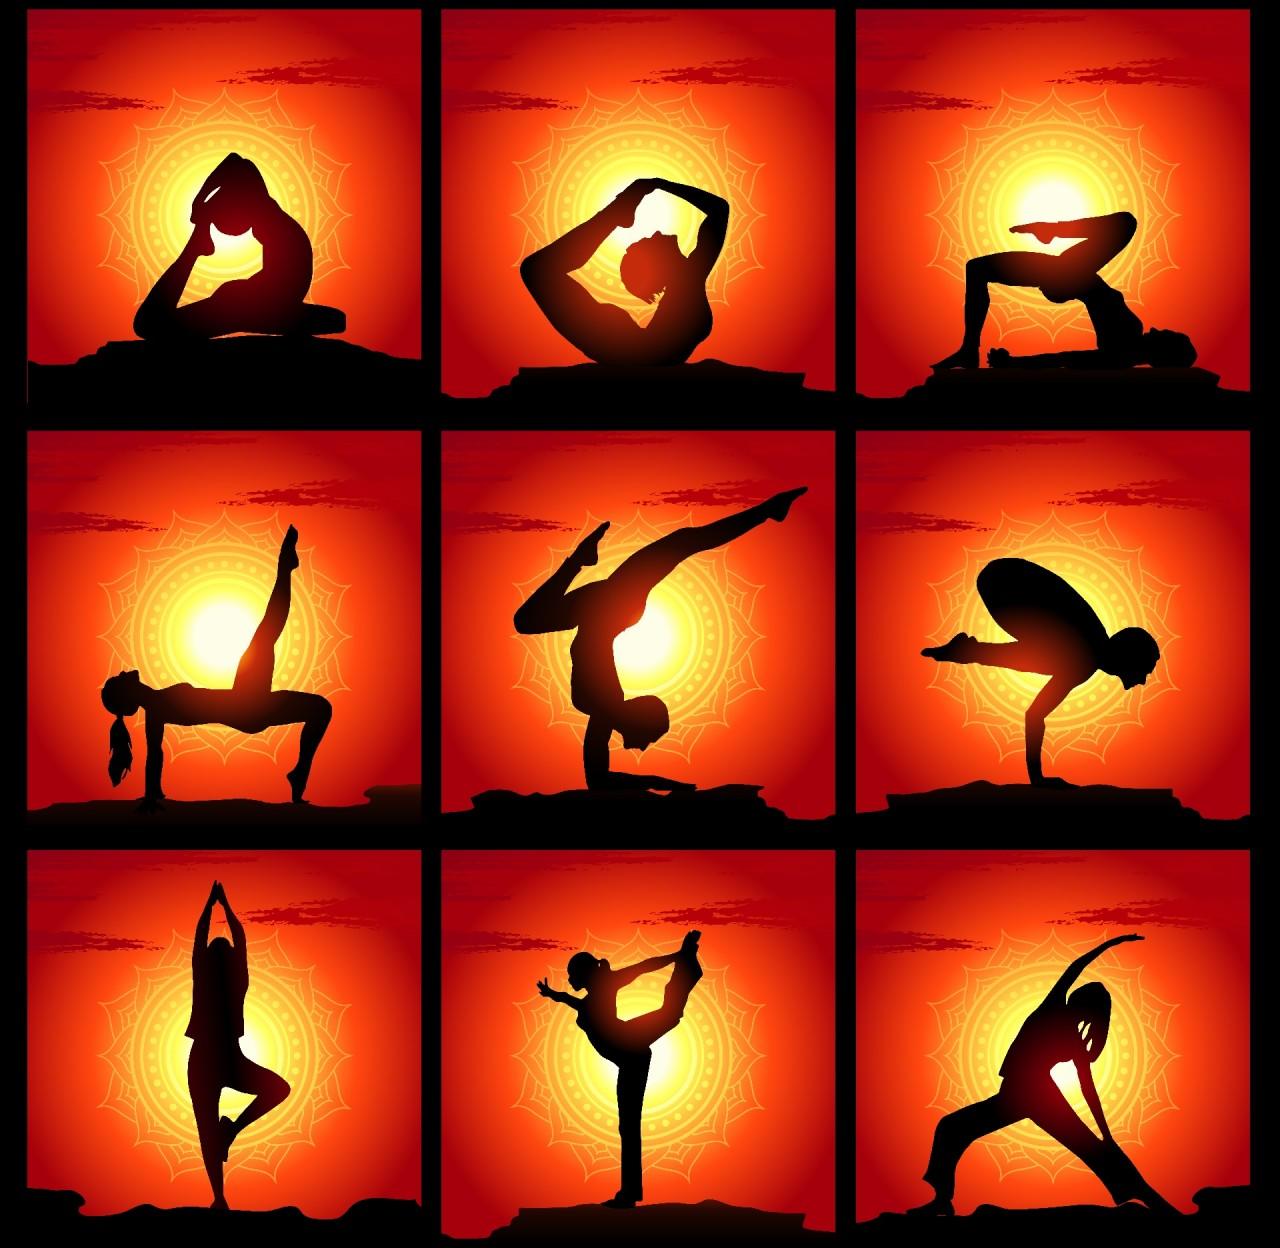 Современные виды йоги, Новые виды йоги, Йога без противопоказаний,